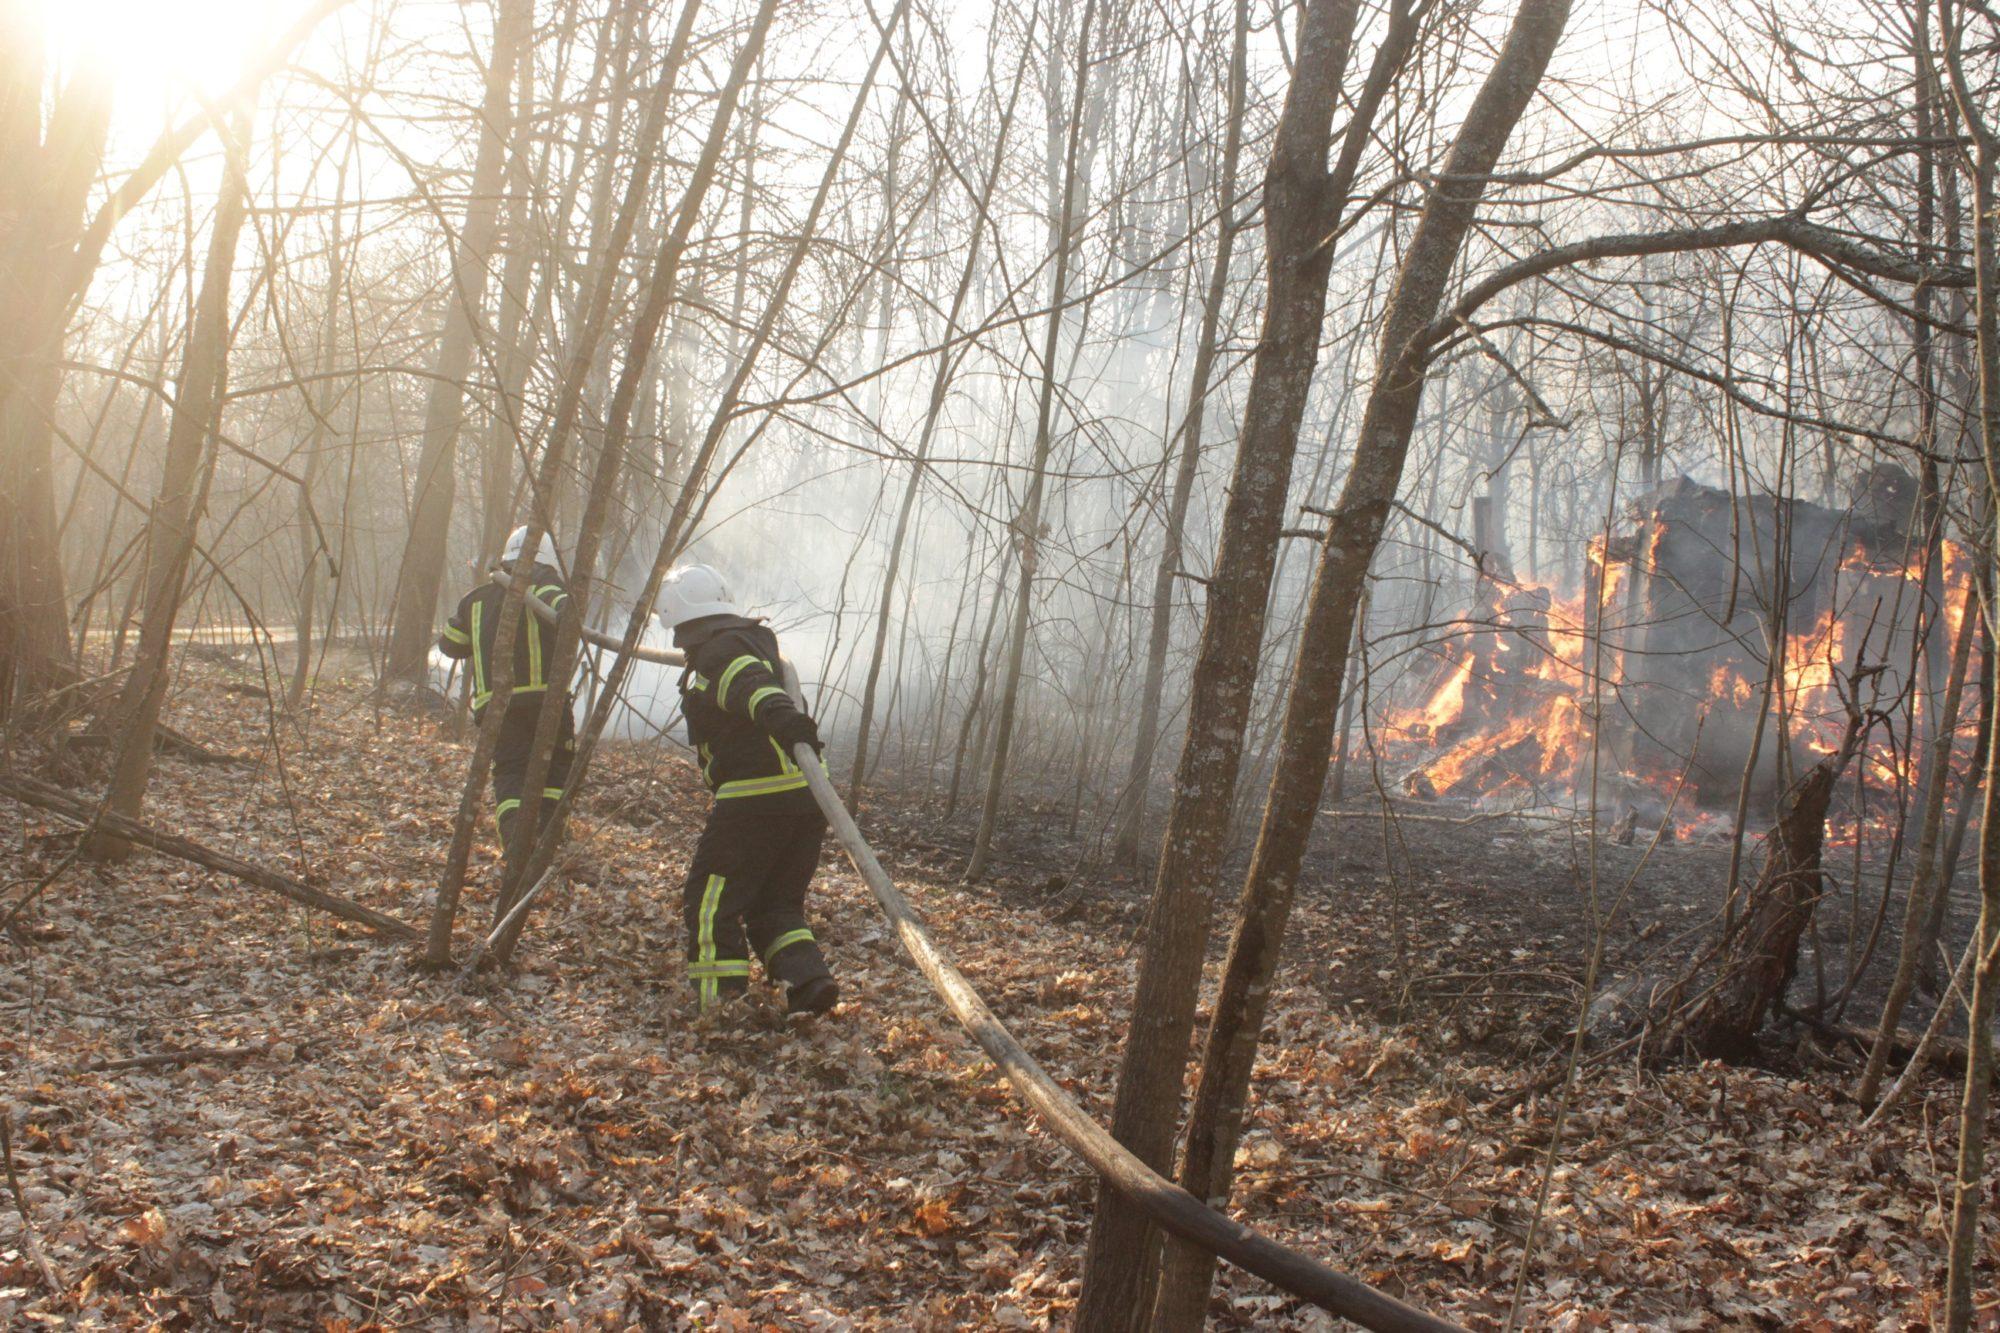 У Зоні відчуження продовжуються пожежі (ФОТО, ВІДЕО) - пожежі, Зона відчуження - orort 2000x1333